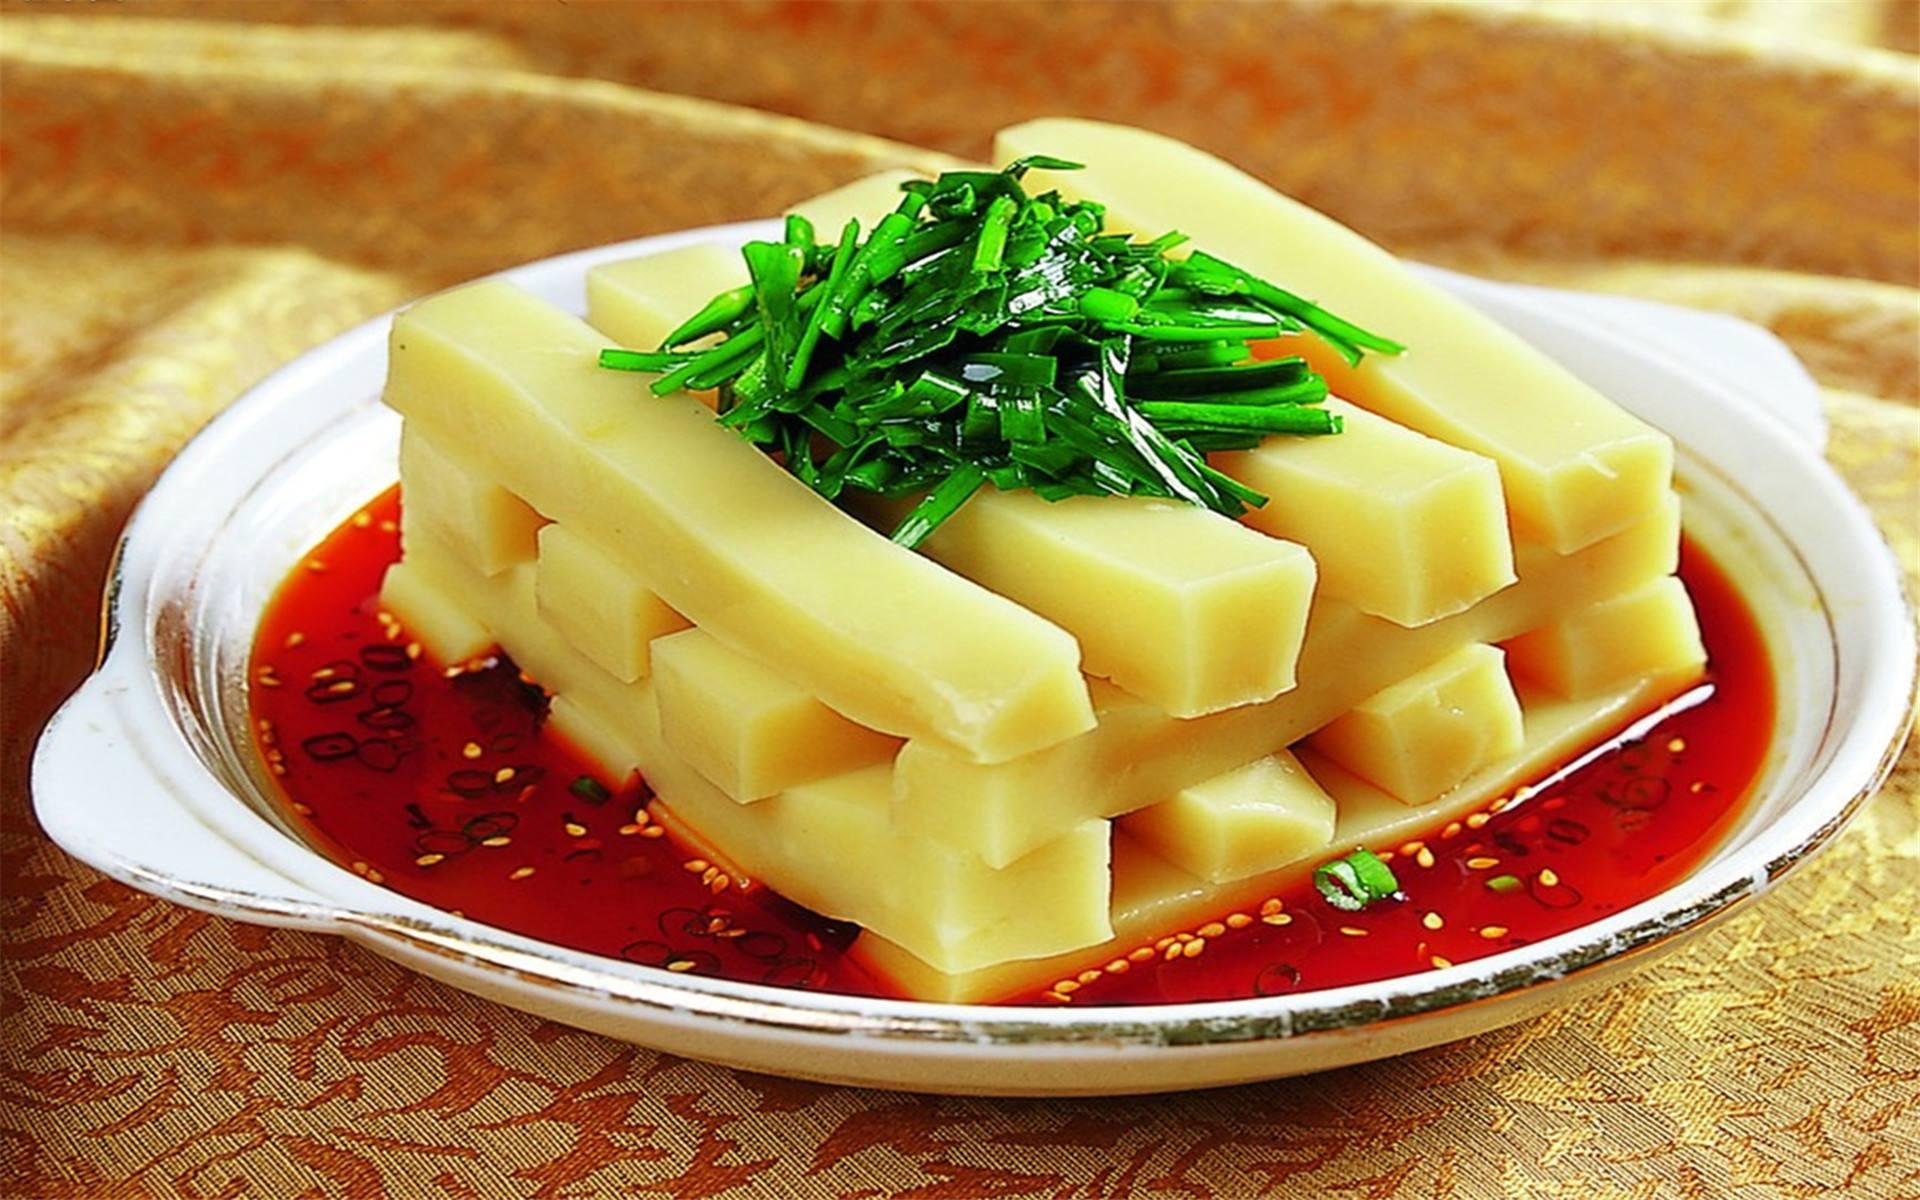 【小吃培训】米豆腐技术培训 米豆腐做法培训班 米豆腐培训学校